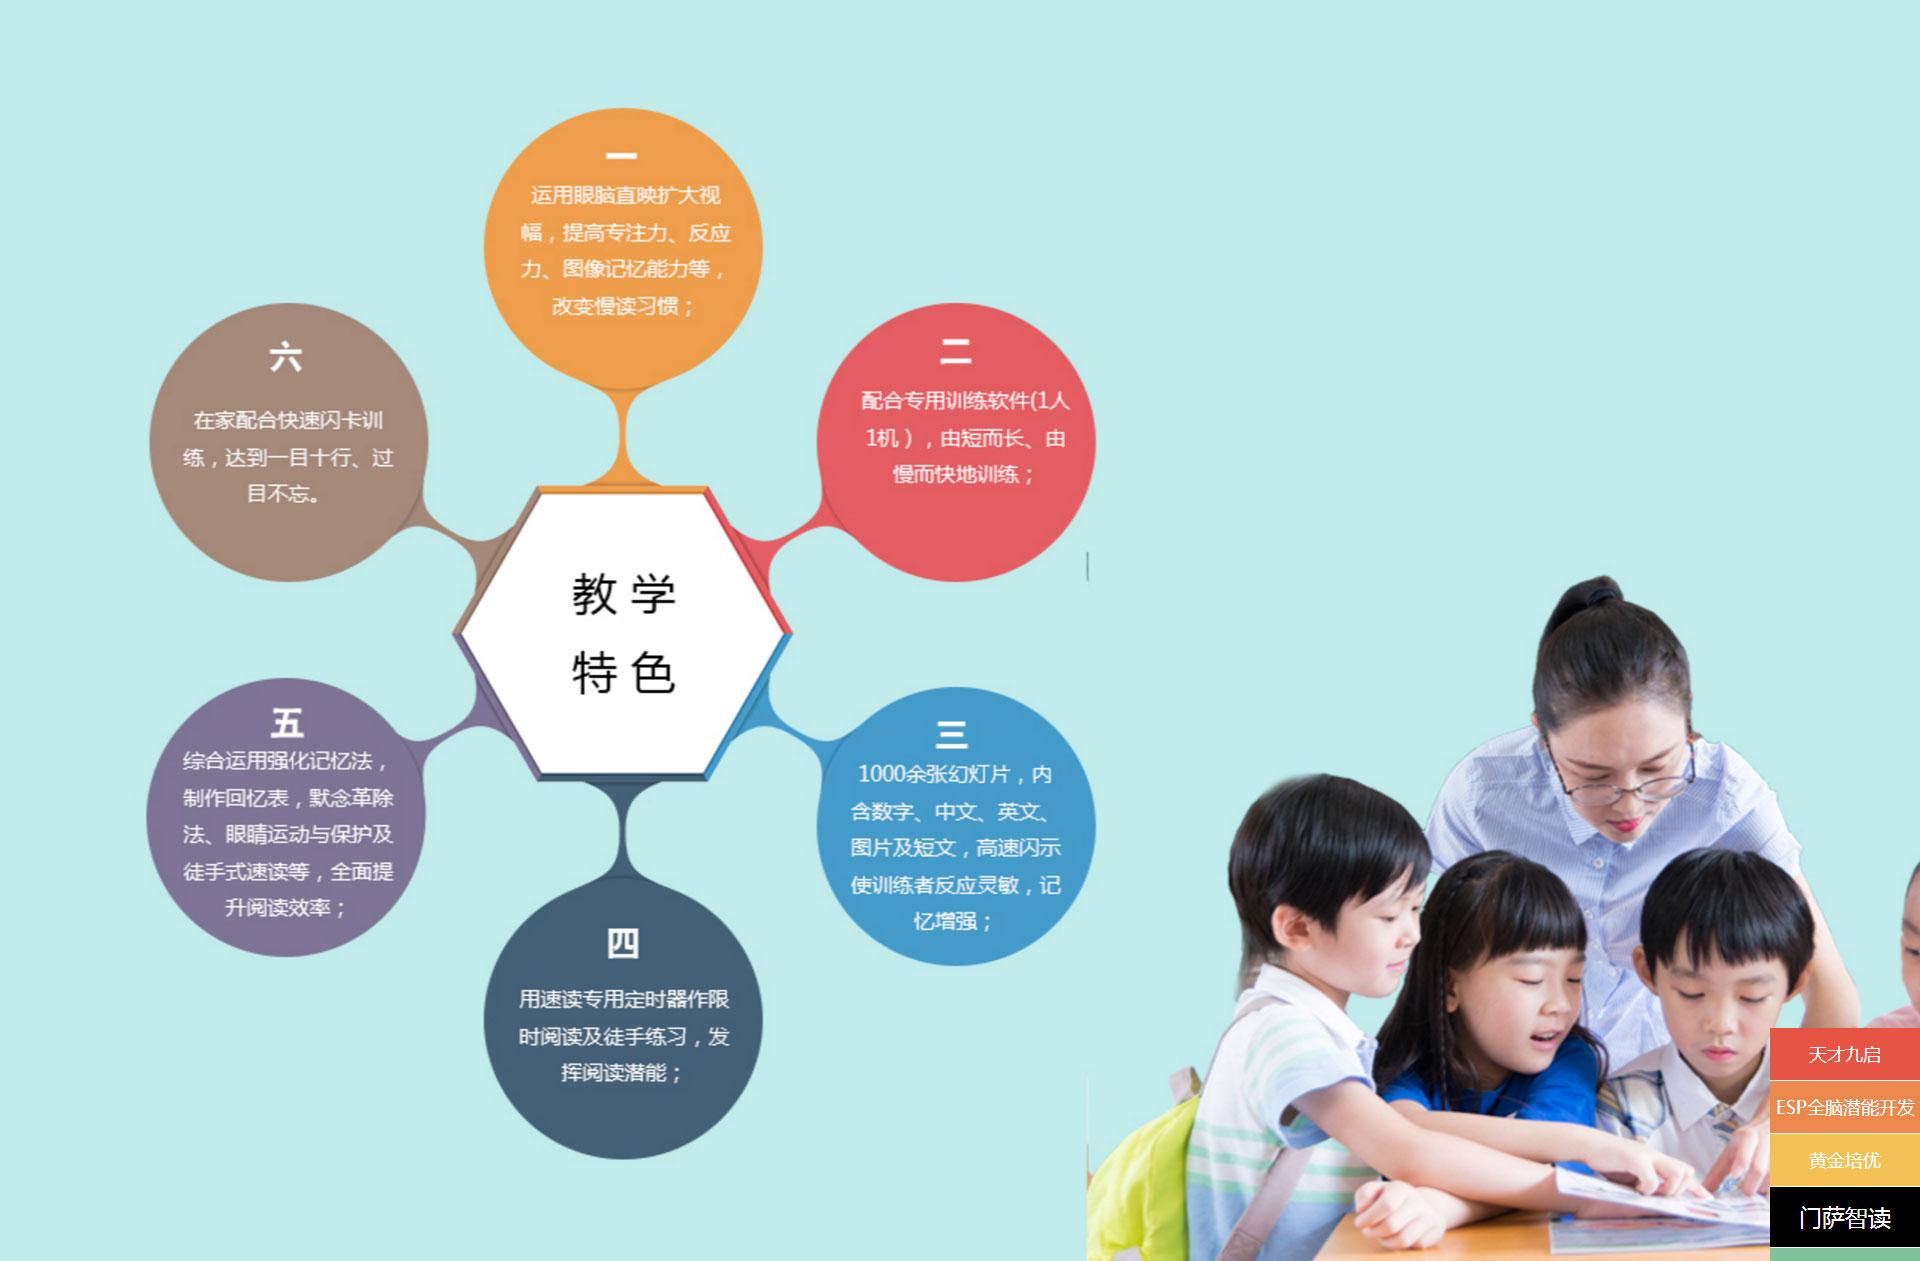 课程中心-_-门萨智读_门萨教育官网_02.jpg